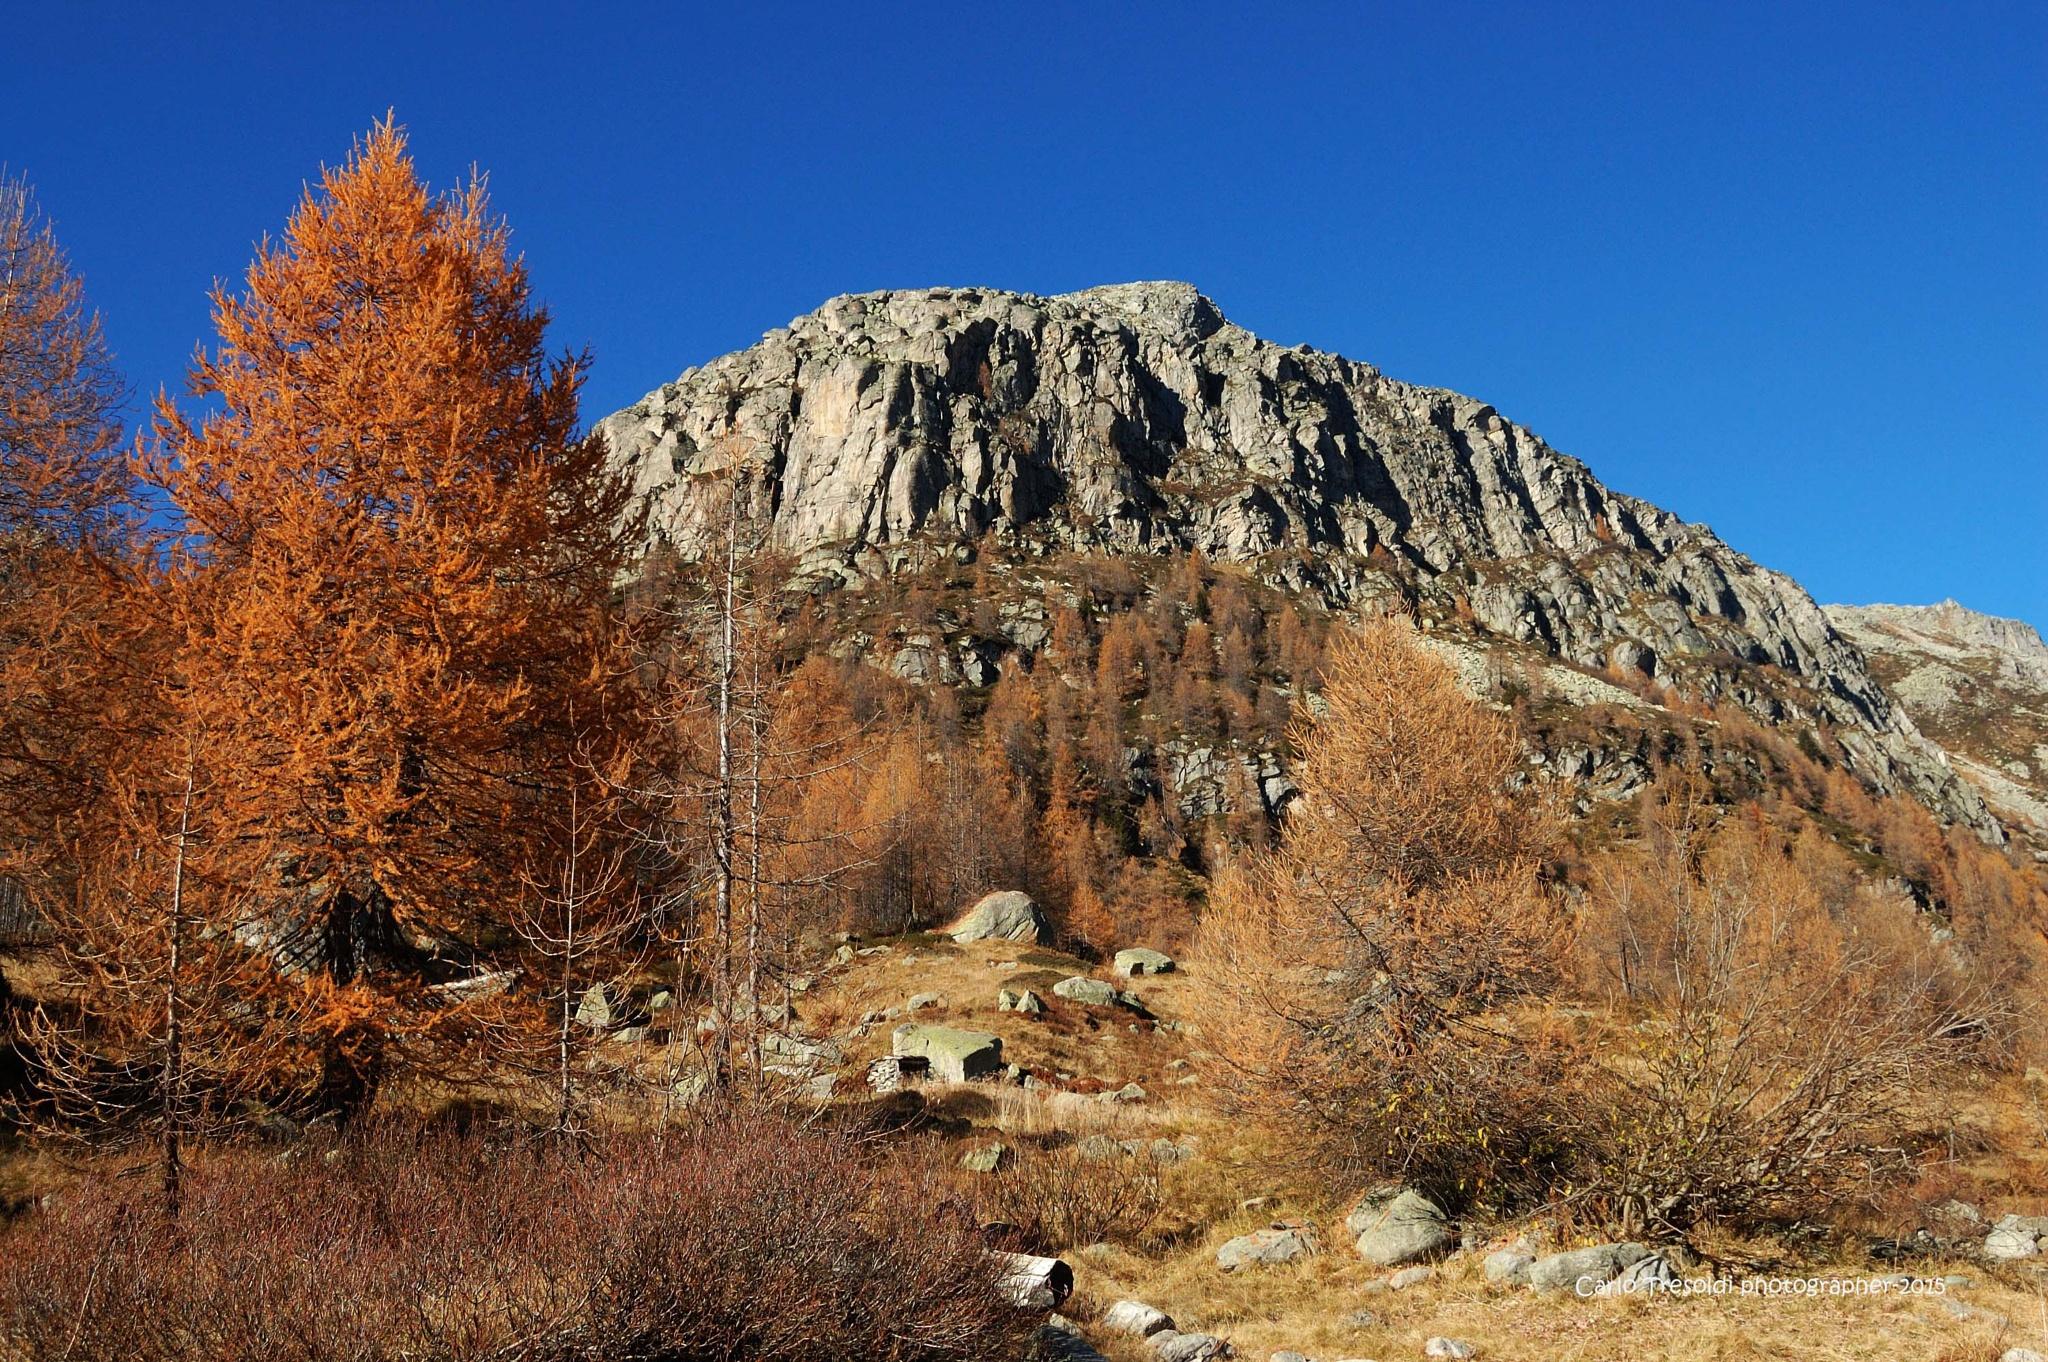 Il monte Figascian by carlo tresoldi